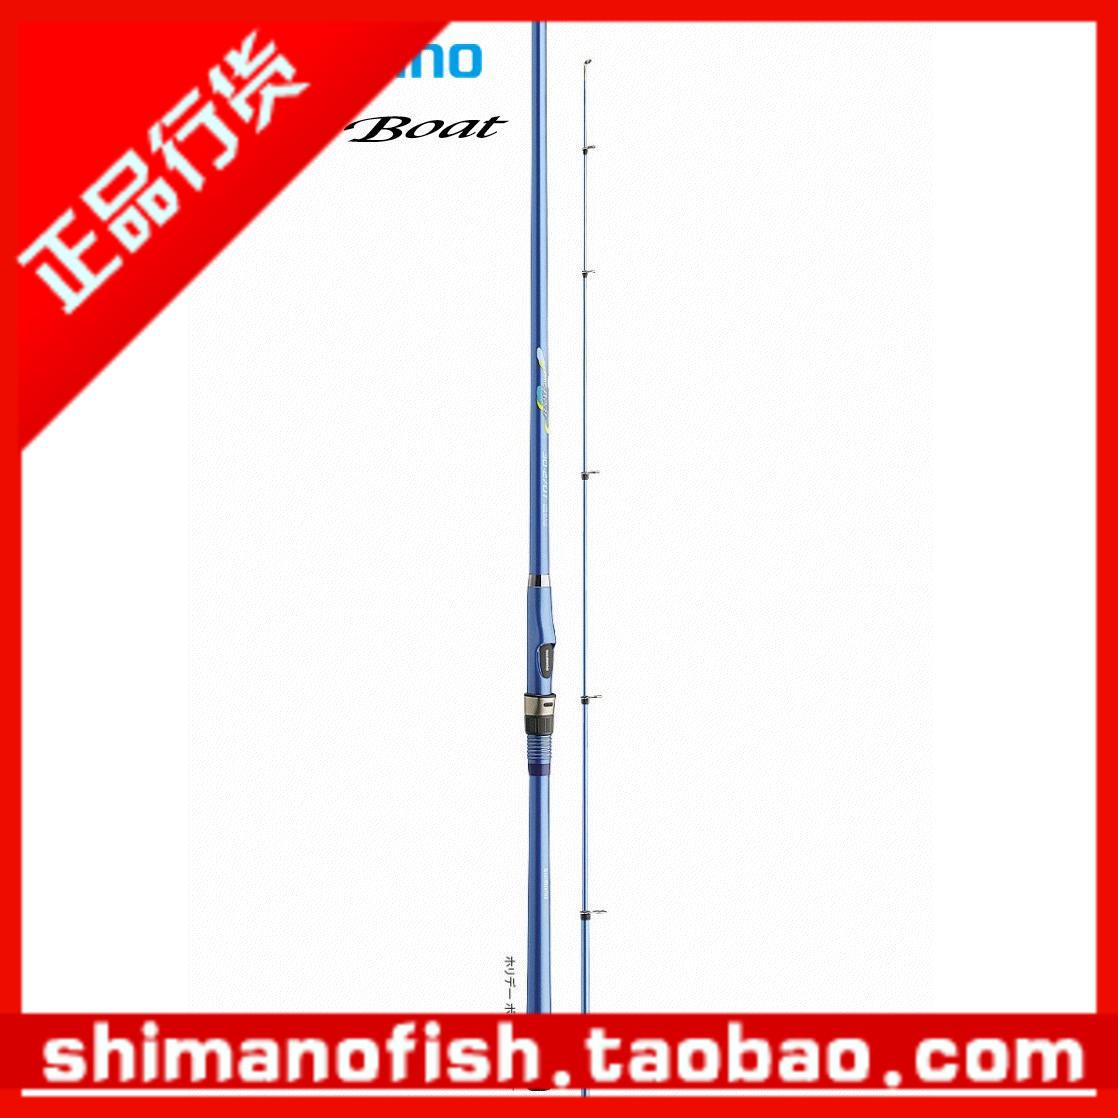 удочка SHIMANO HOLIDAY Boat 10 20 30 2.4 2.7 3.0 SHIMANO / Shimano